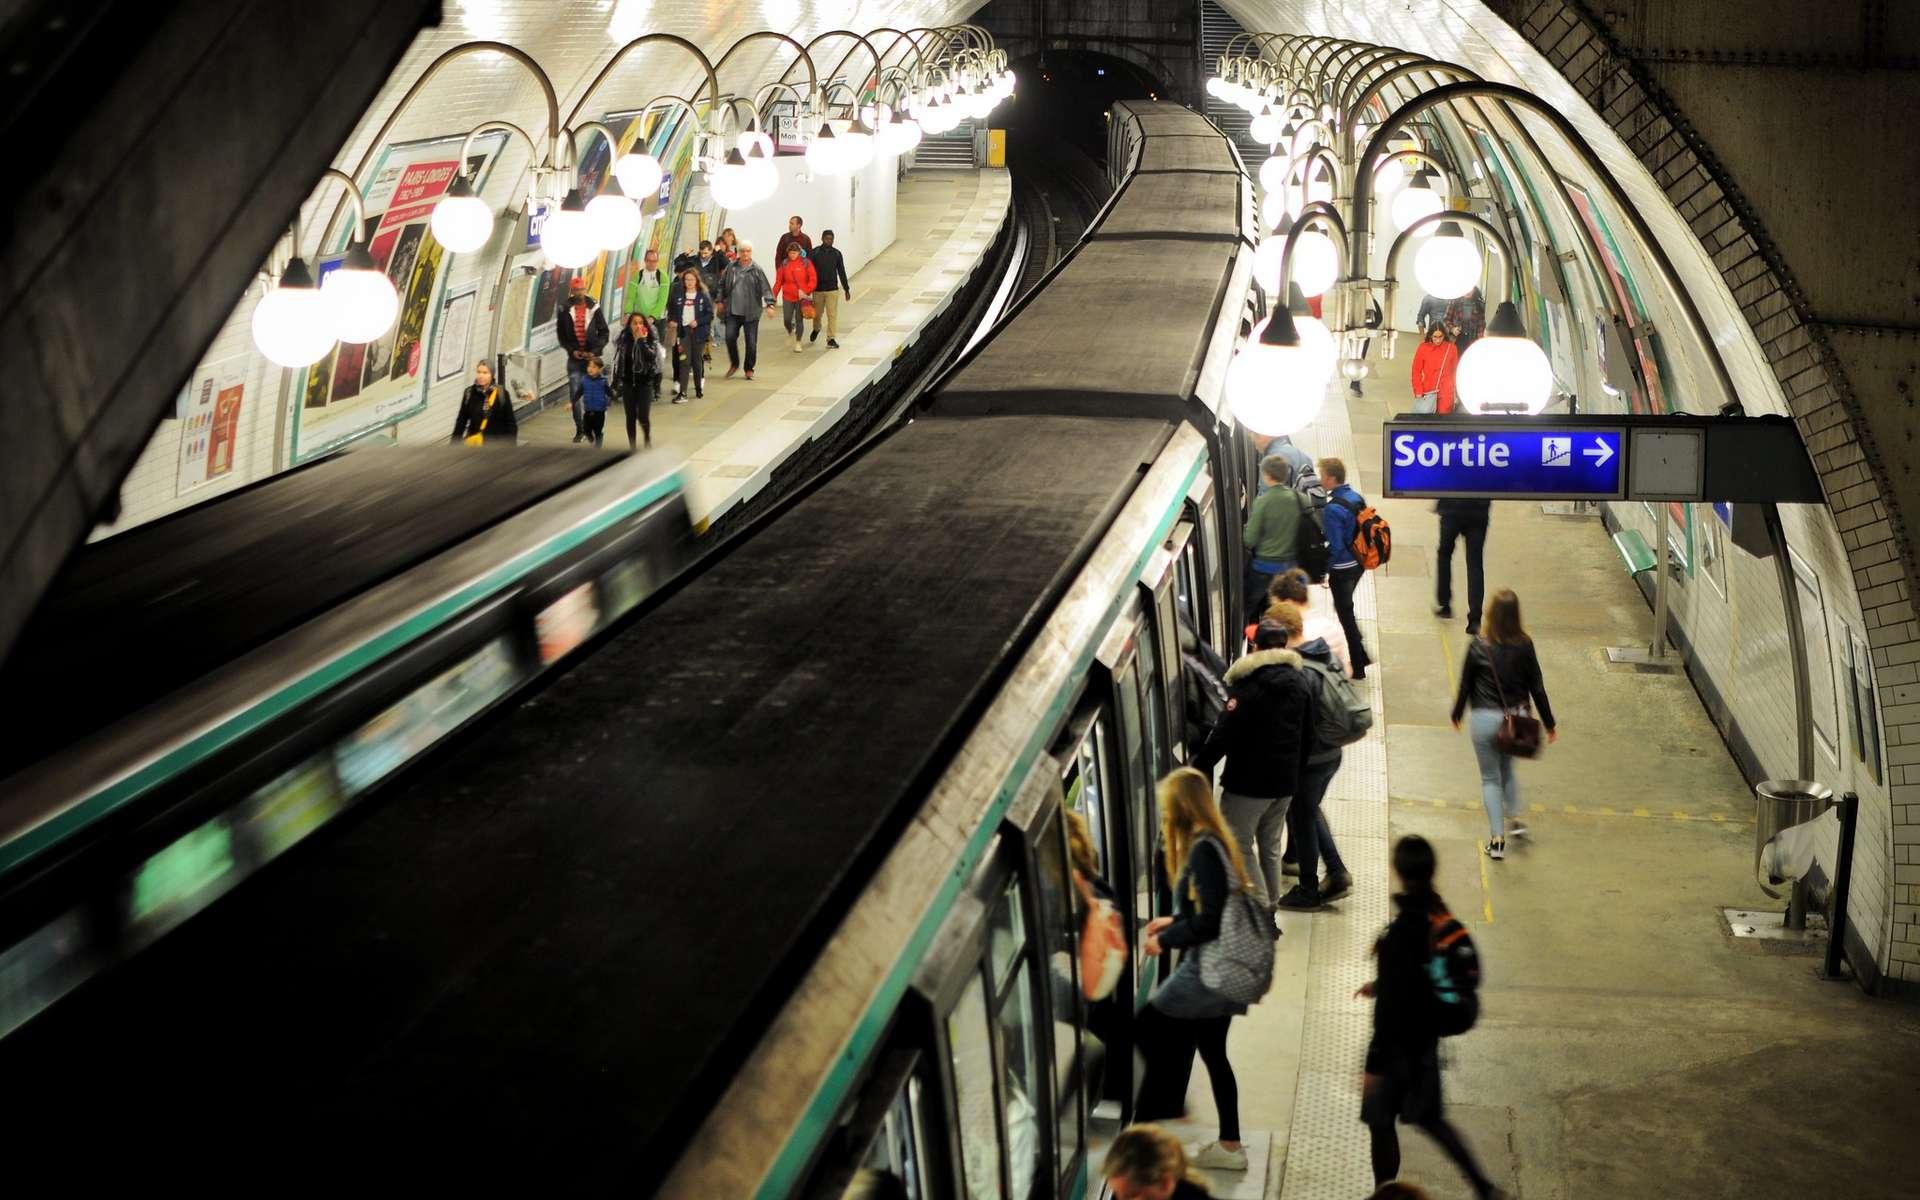 Le métro parisien (station Cité). © Olivier Prt, Flickr